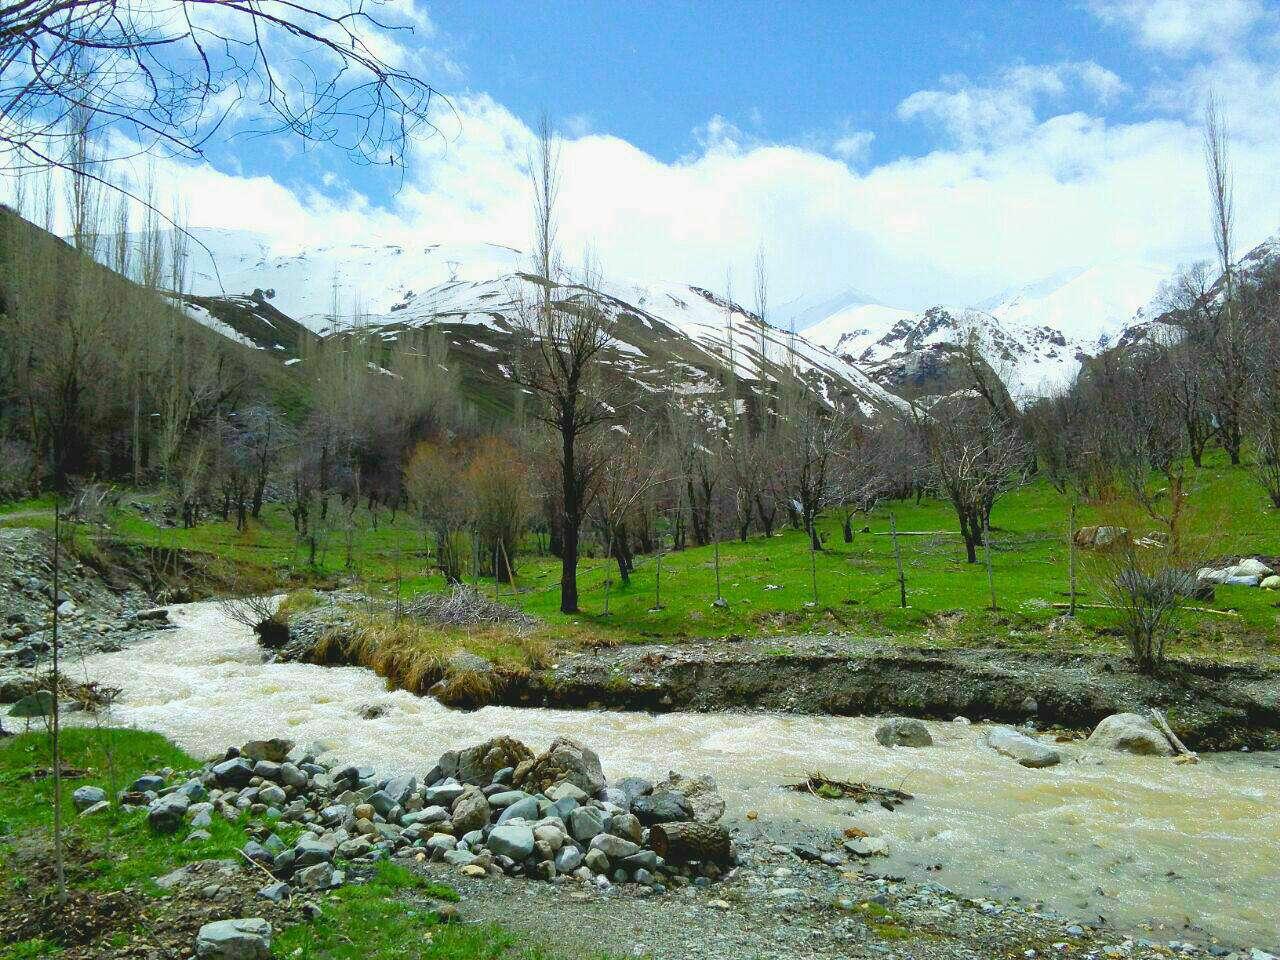 روستای کرکبود طالقان، نقطه اوج طبیعتی زیبا